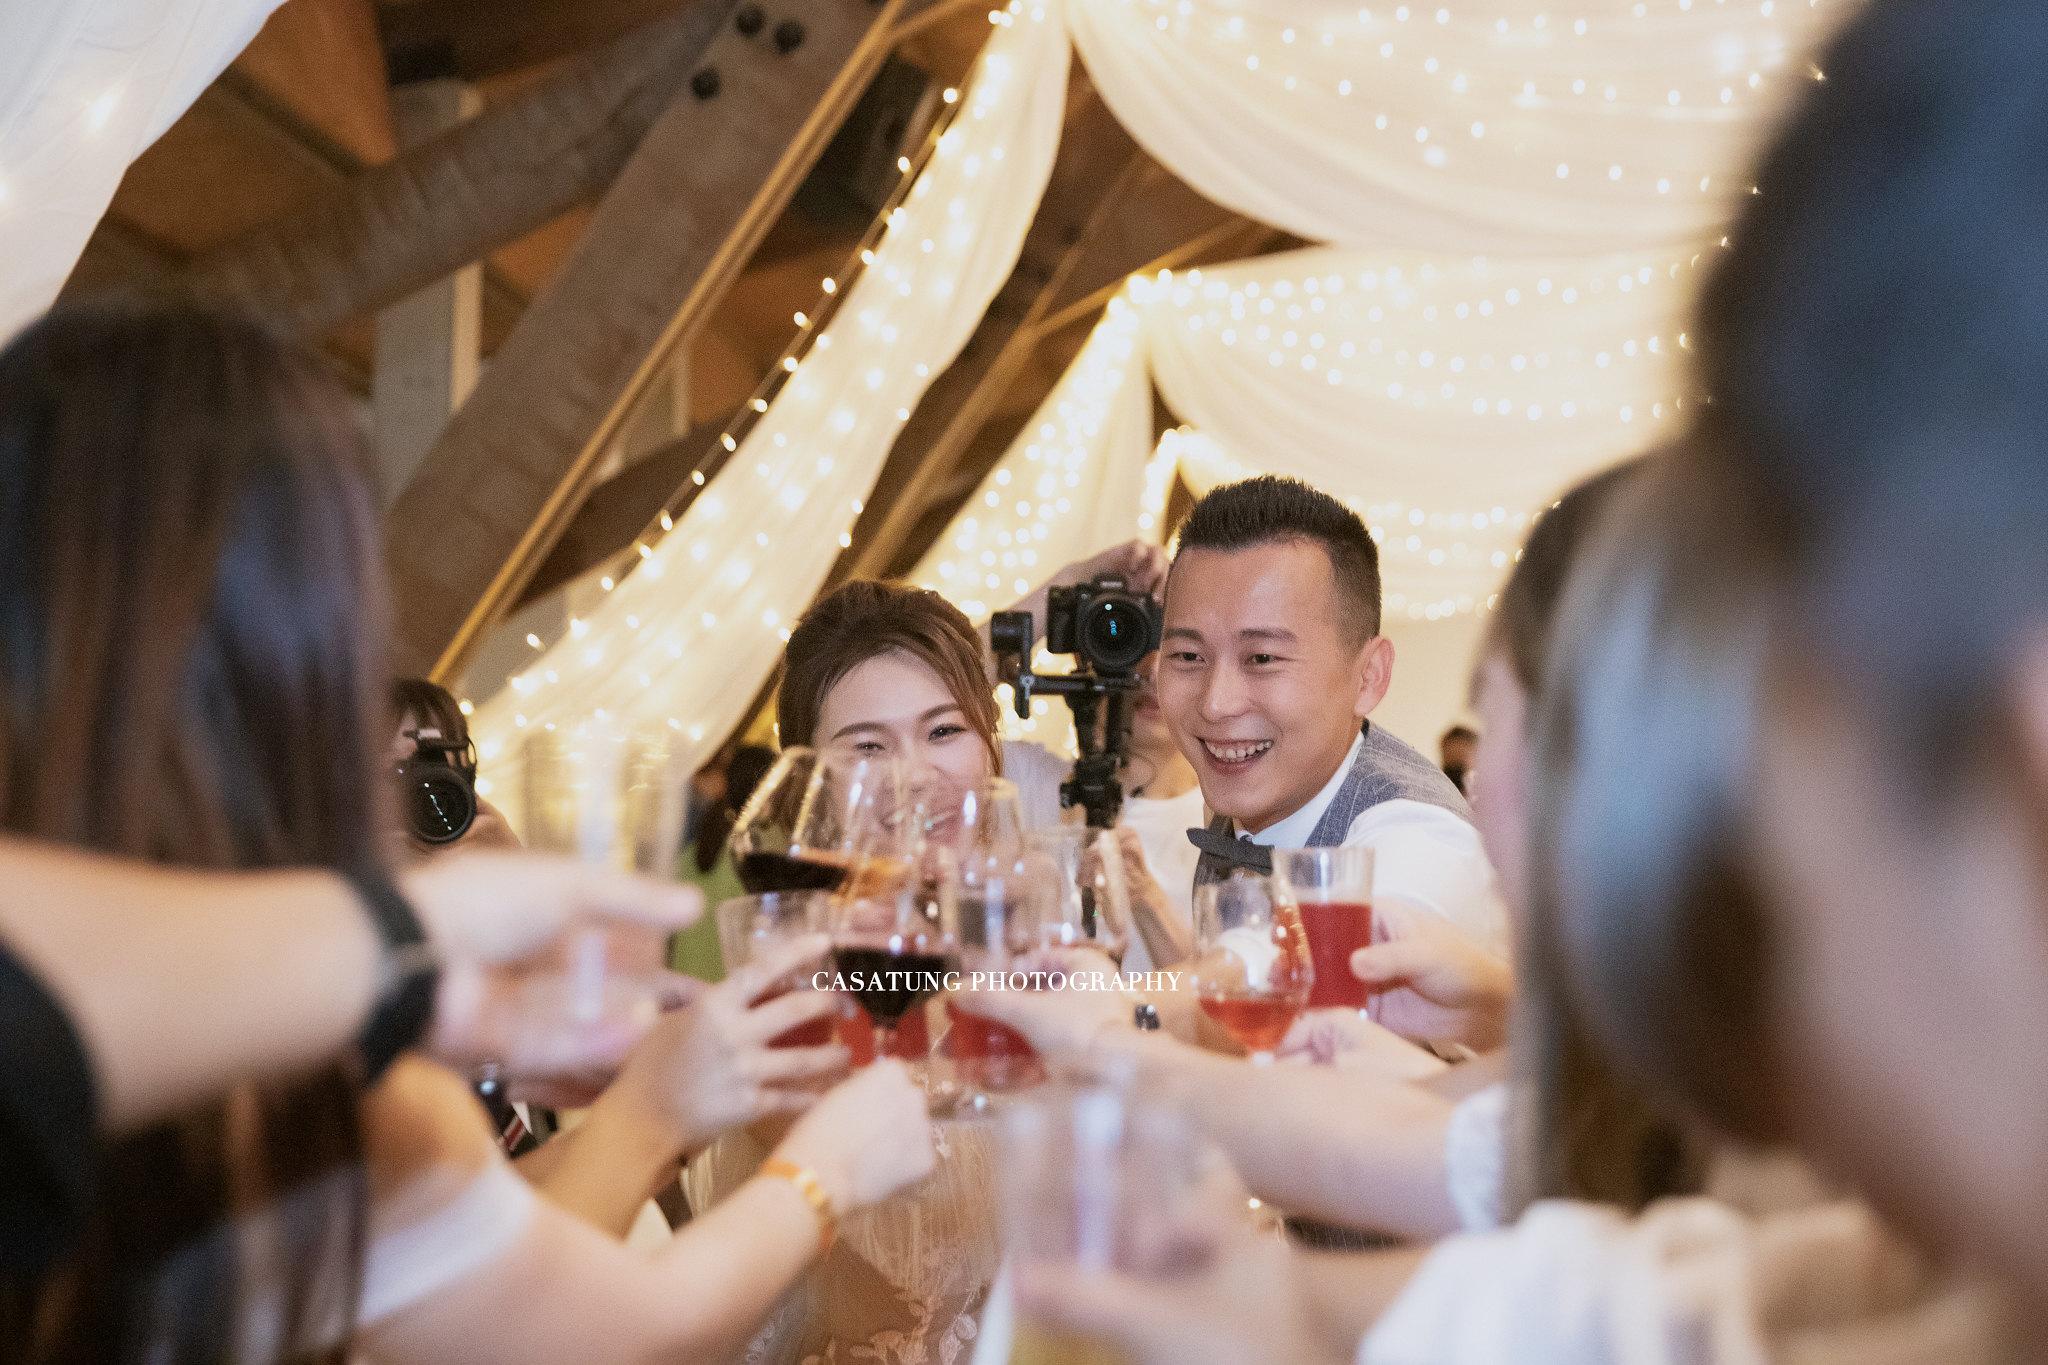 顏氏牧場婚禮,台中婚攝casa,旋轉木馬-159